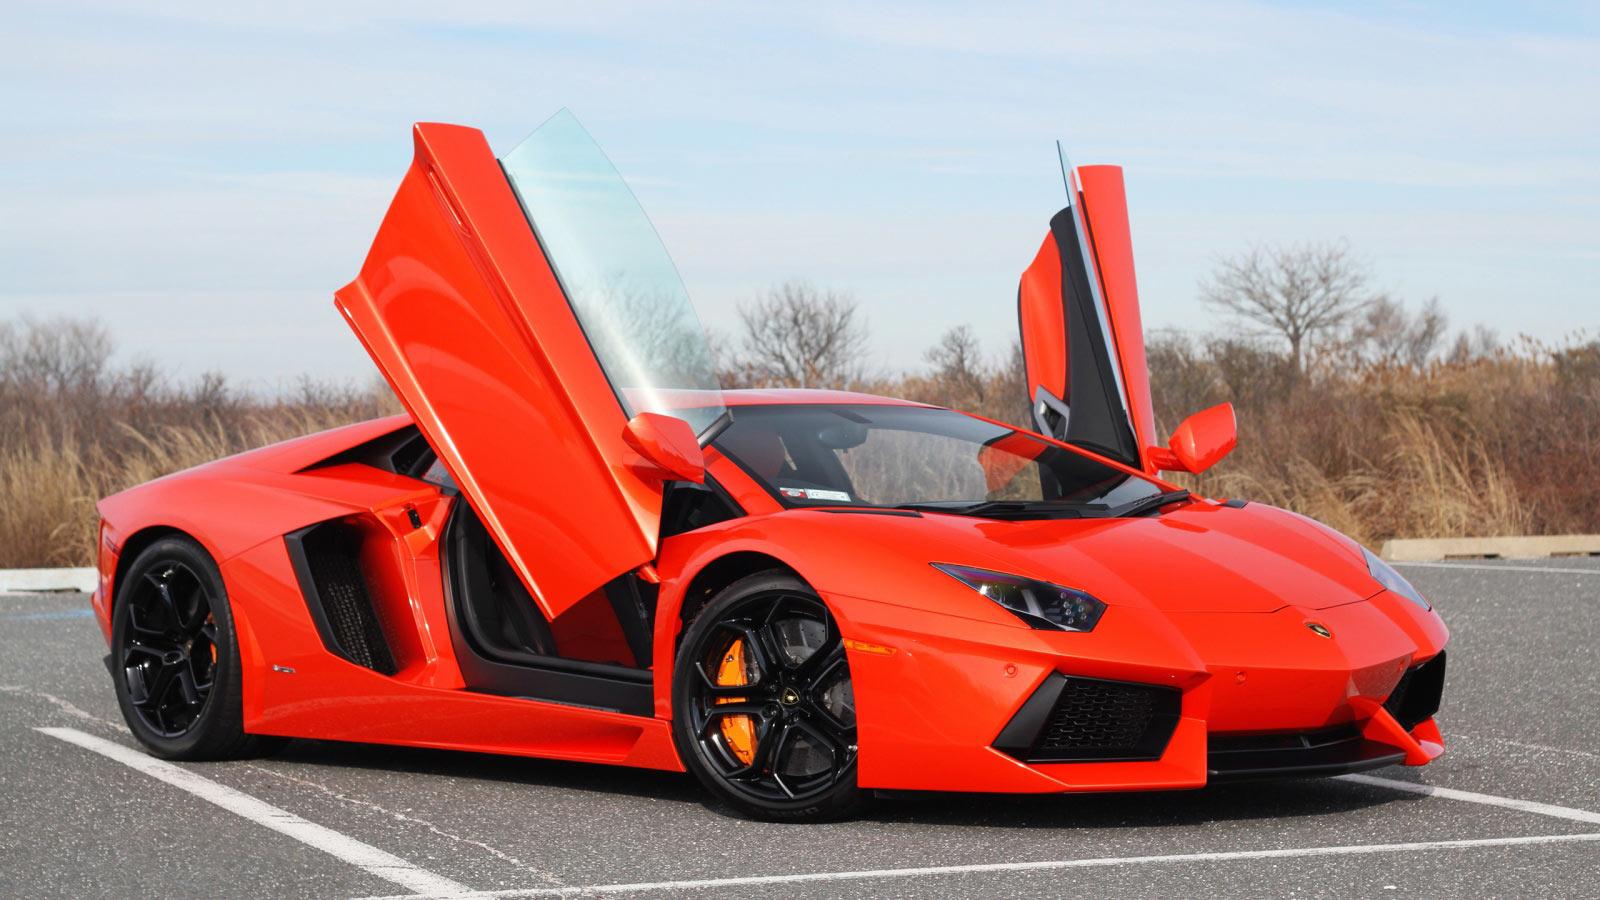 Lamborghini Aventador – Italian car